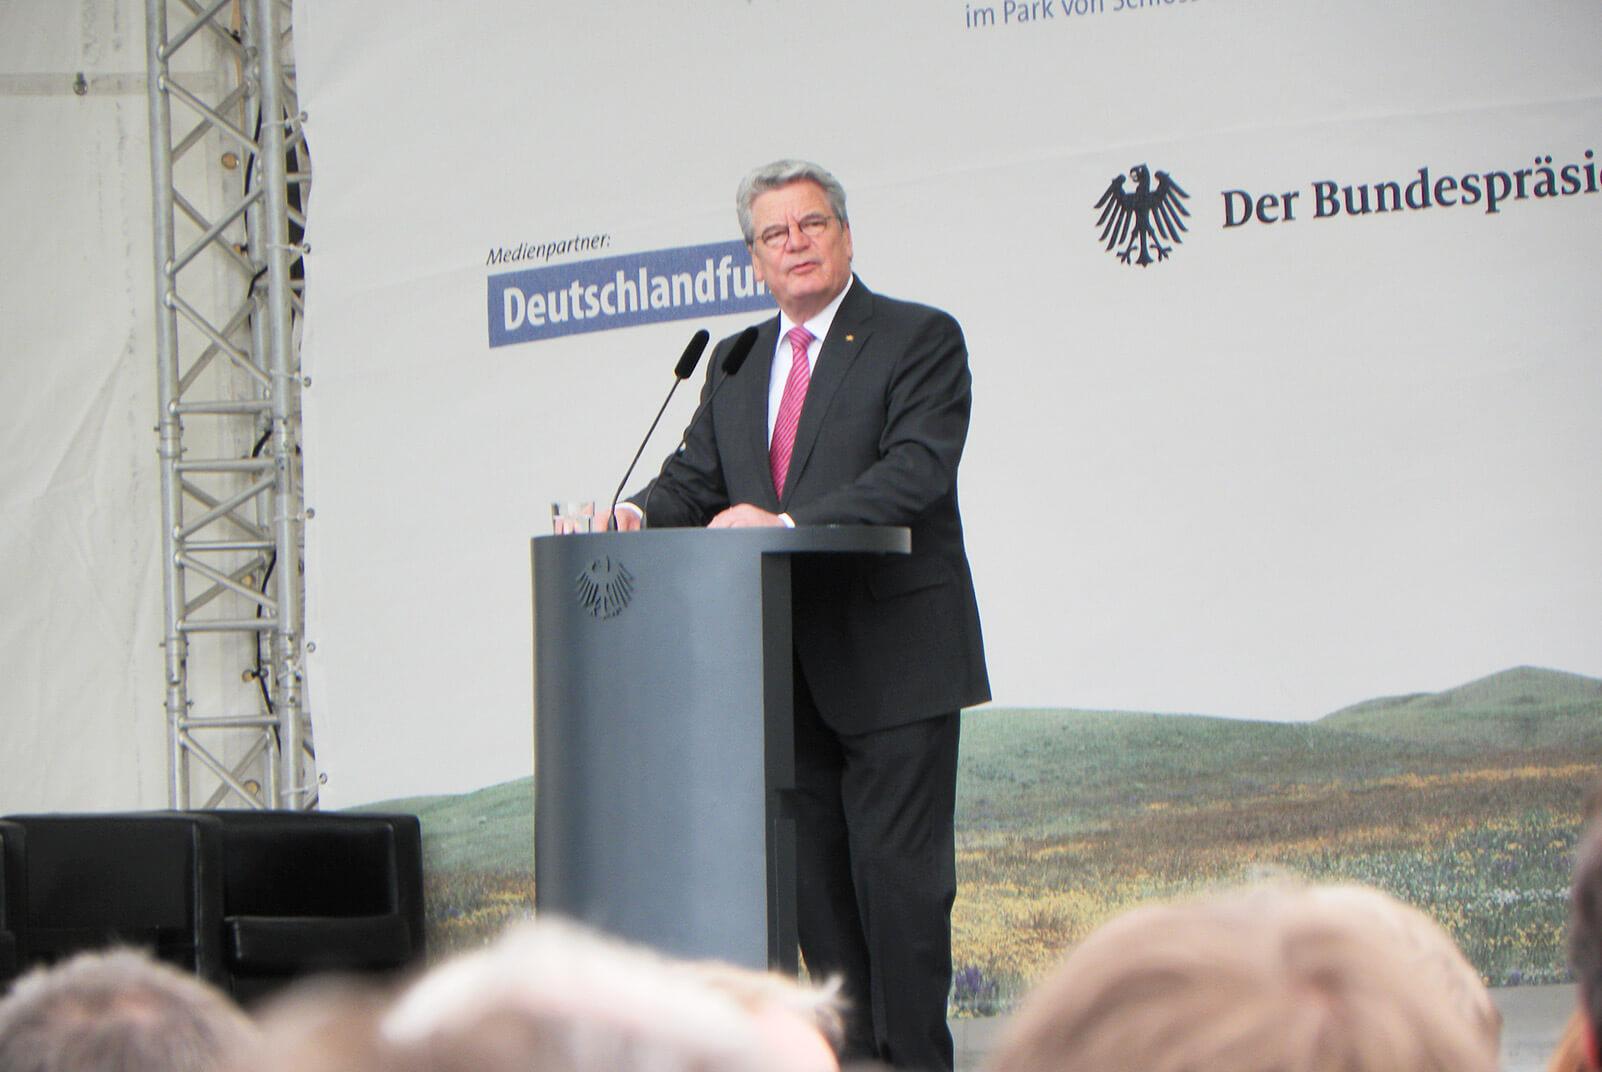 politiker bei der Umweltwoche in Berlin hält eine Rede